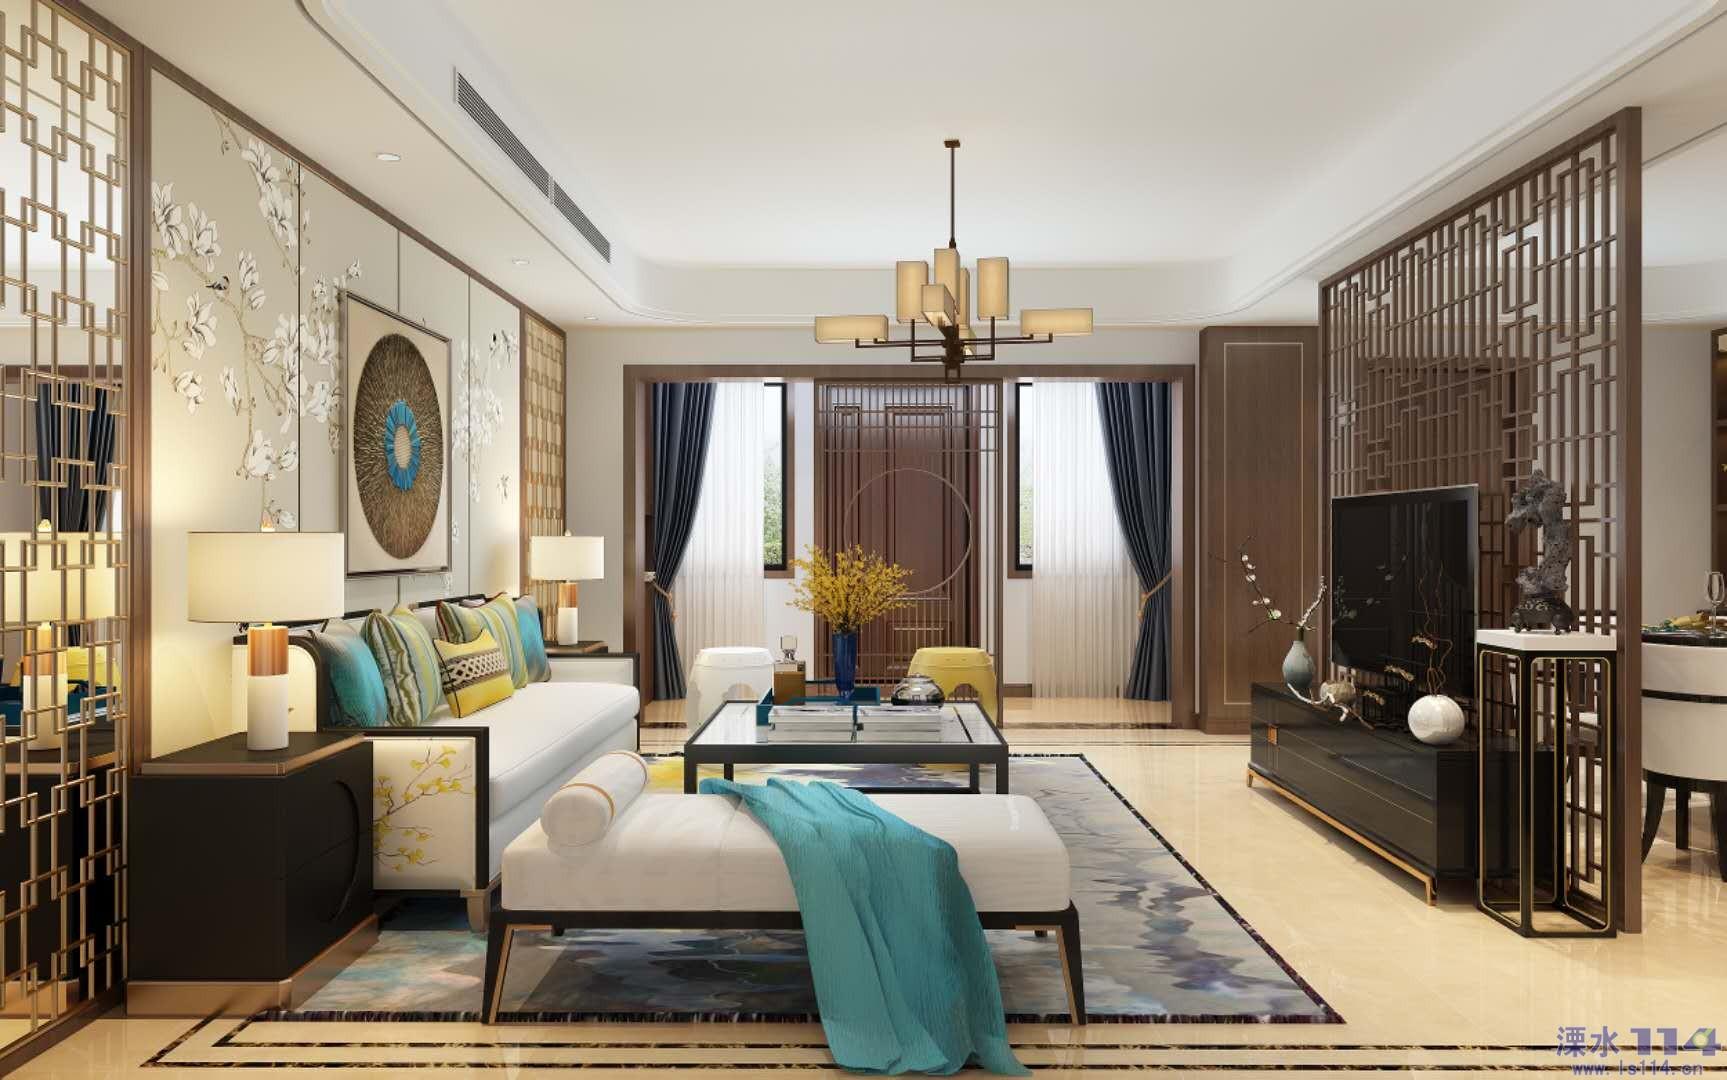 客厅 客厅的沙发背景墙以素净的木饰面布局,争相盛开的白色花朵为图片